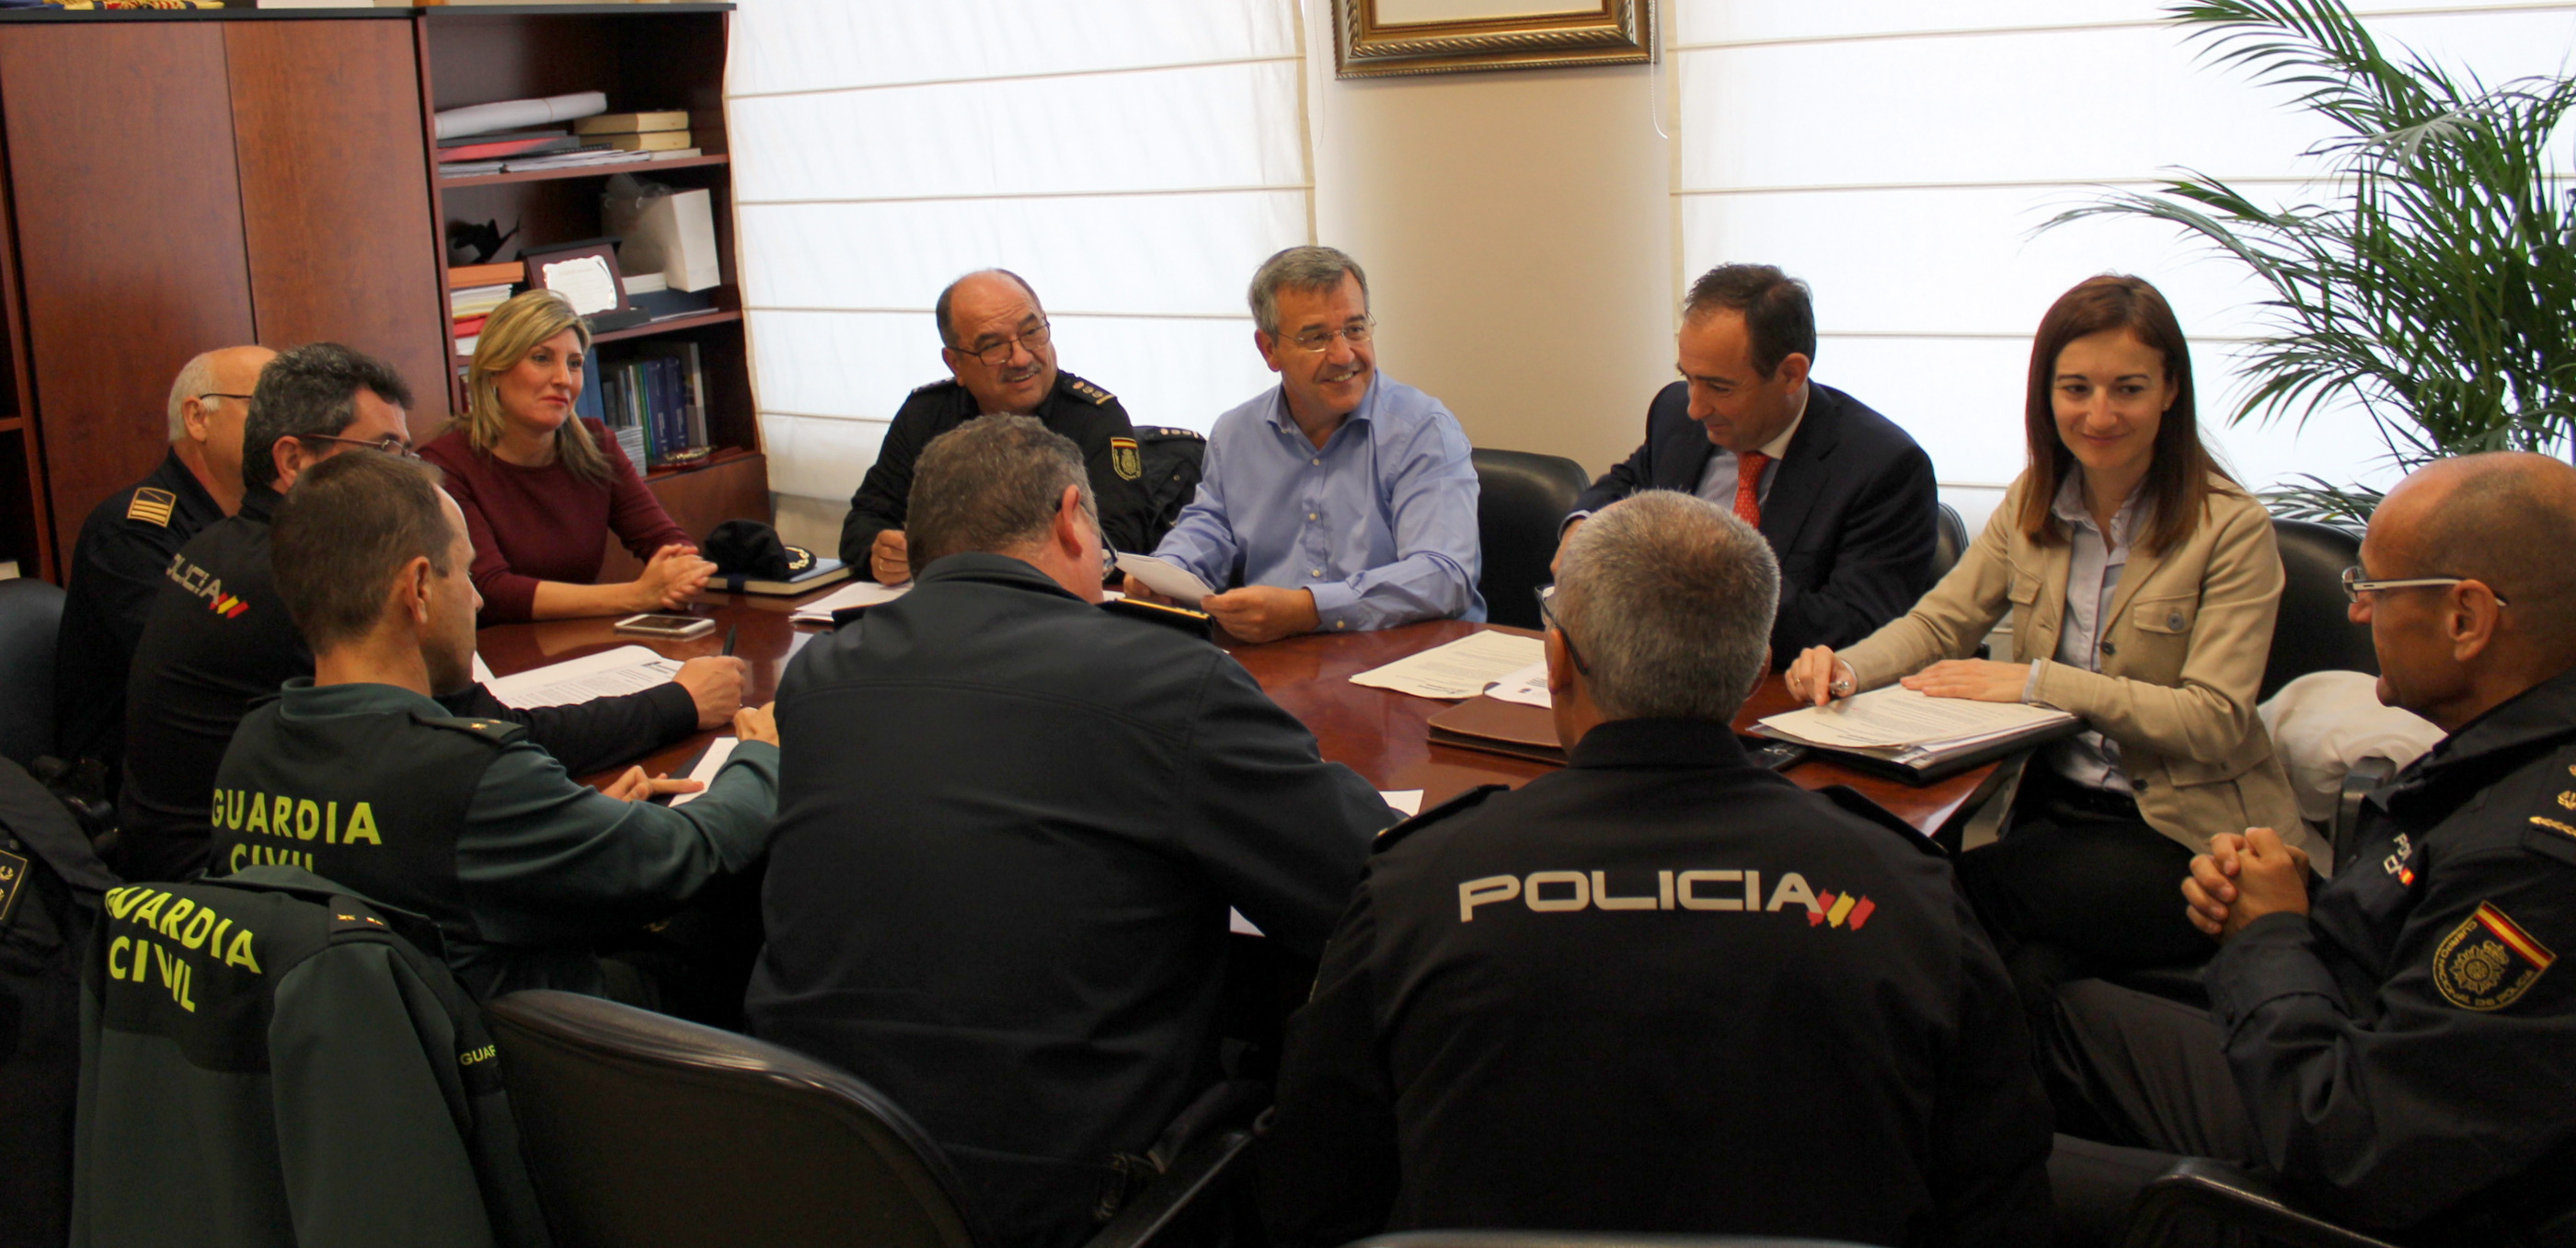 El ayuntamiento se une al programa viog n del ministerio for Transparencia ministerio del interior